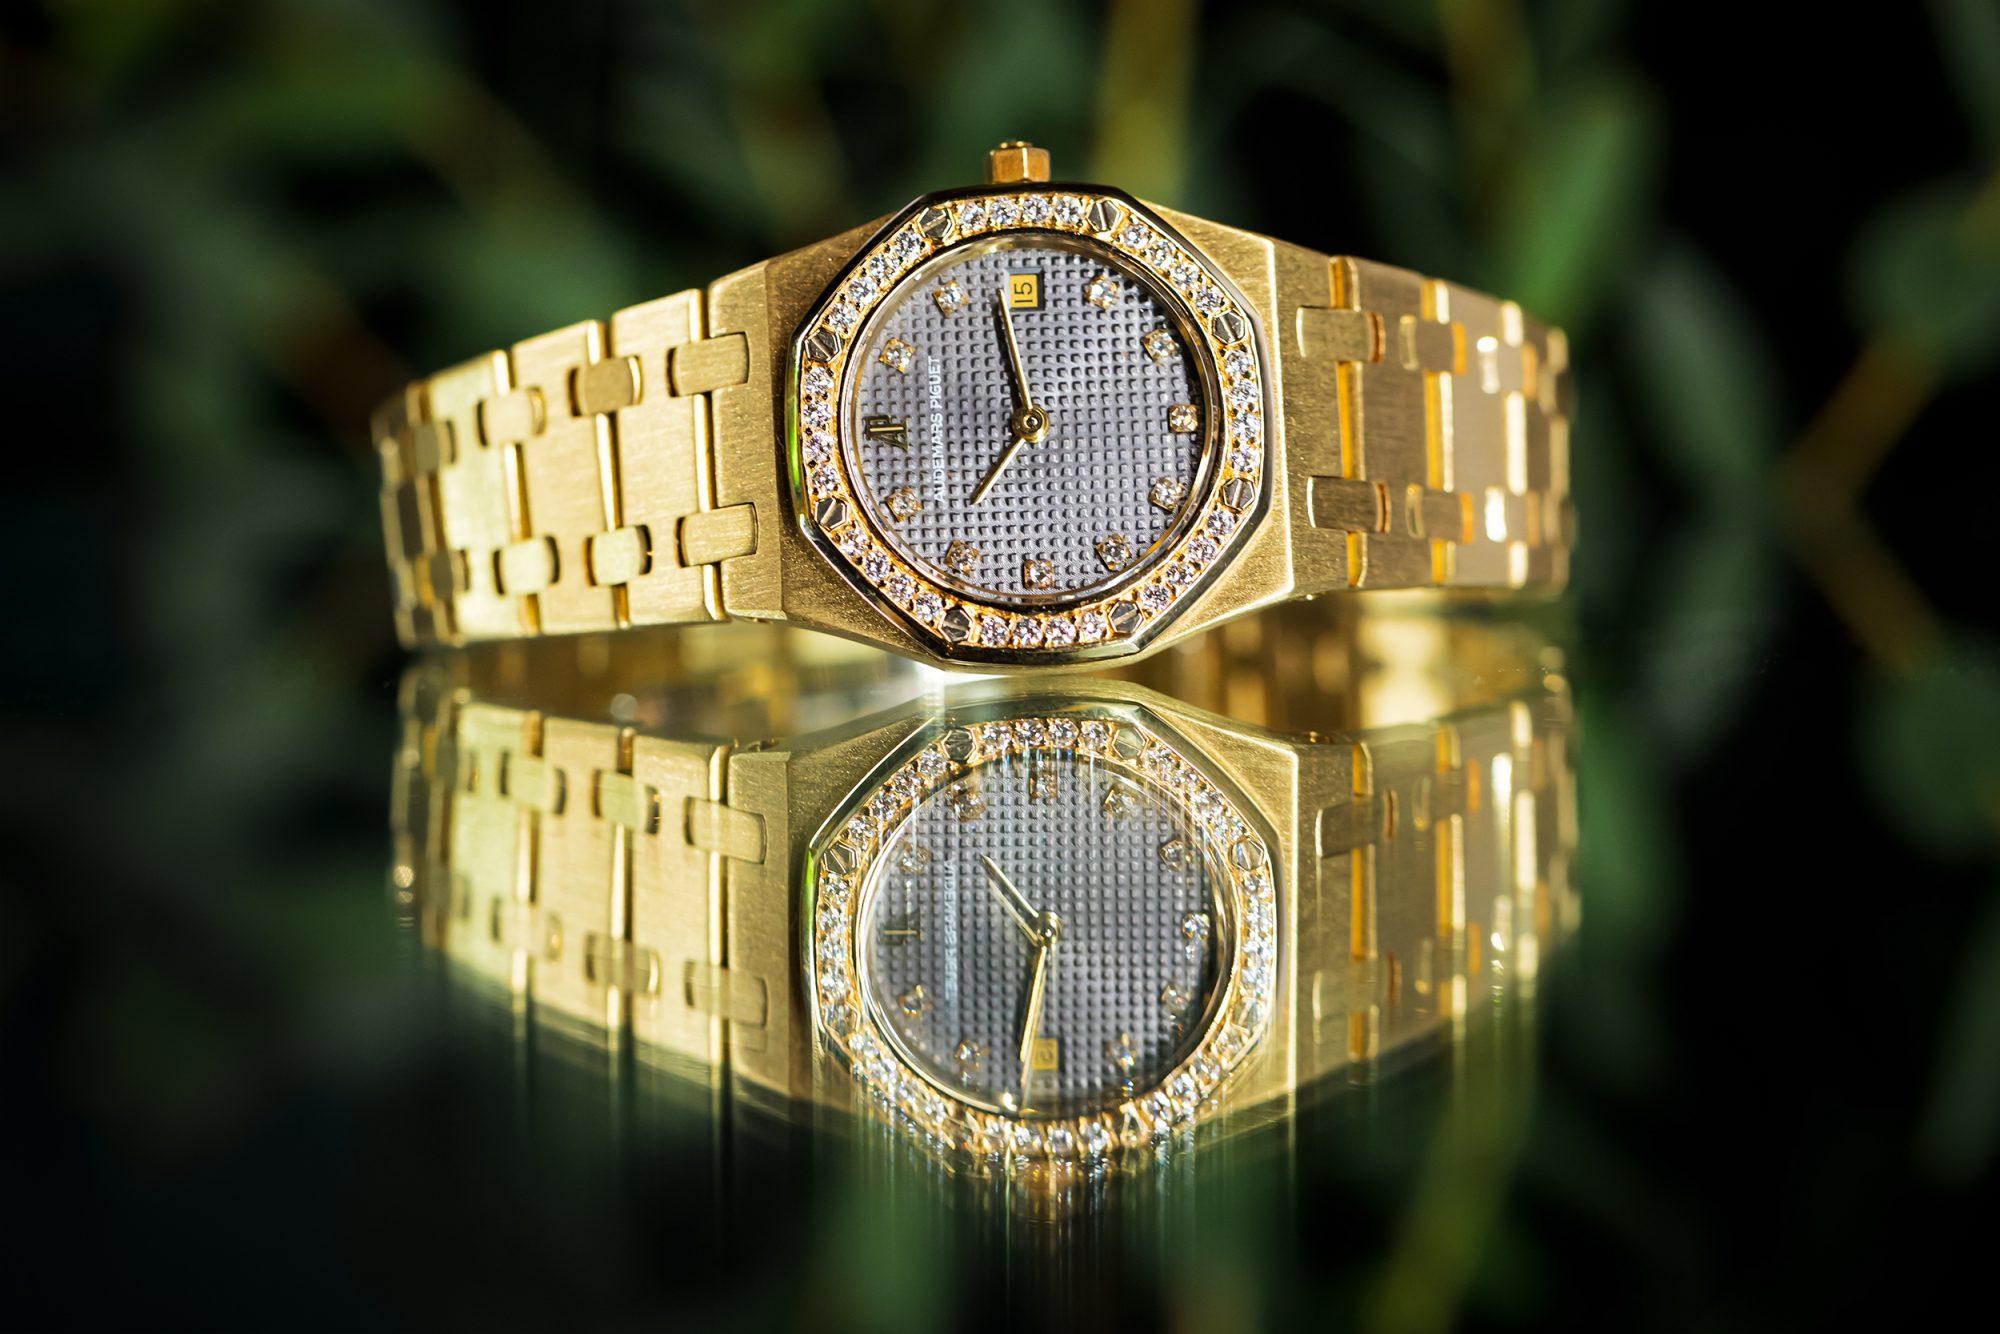 Gebrauchte Uhren